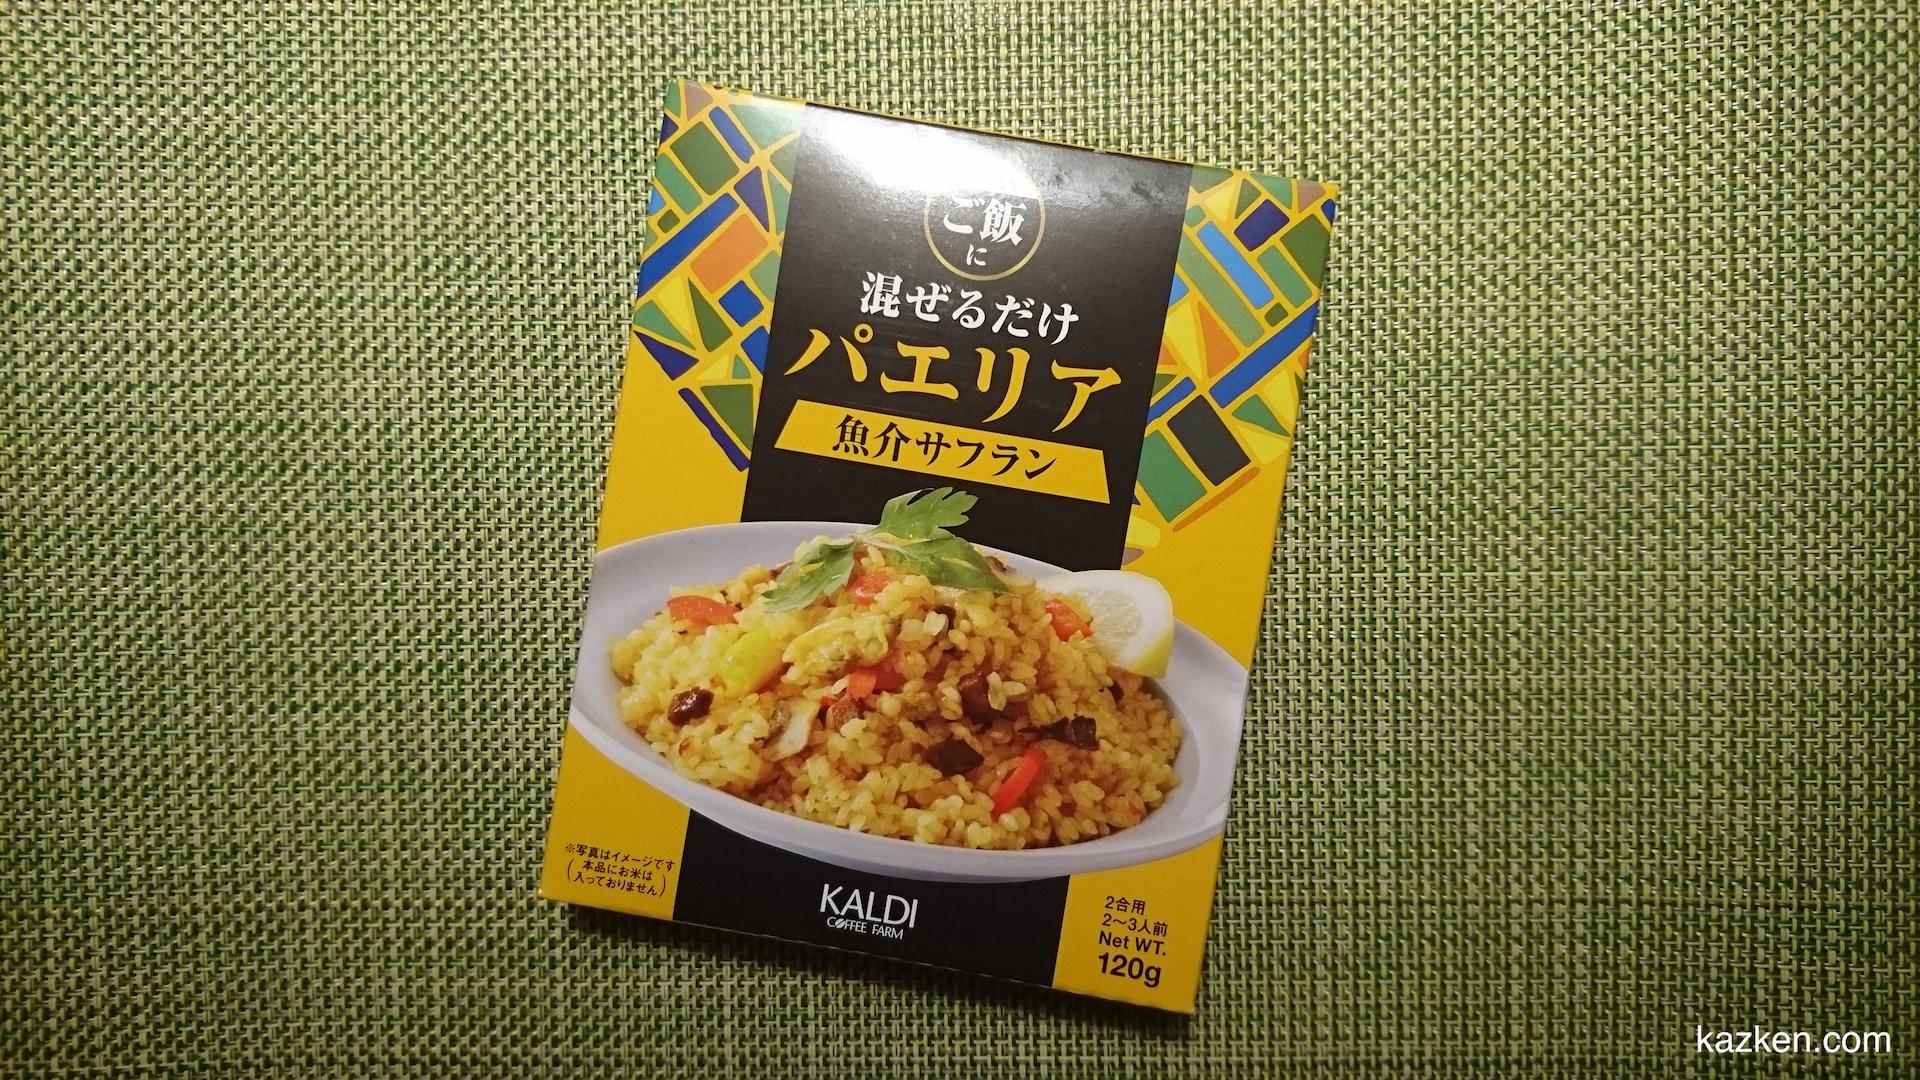 カルディの「ご飯に混ぜるだけパエリア 魚介サフラン」でパエリアを作って食べてみた